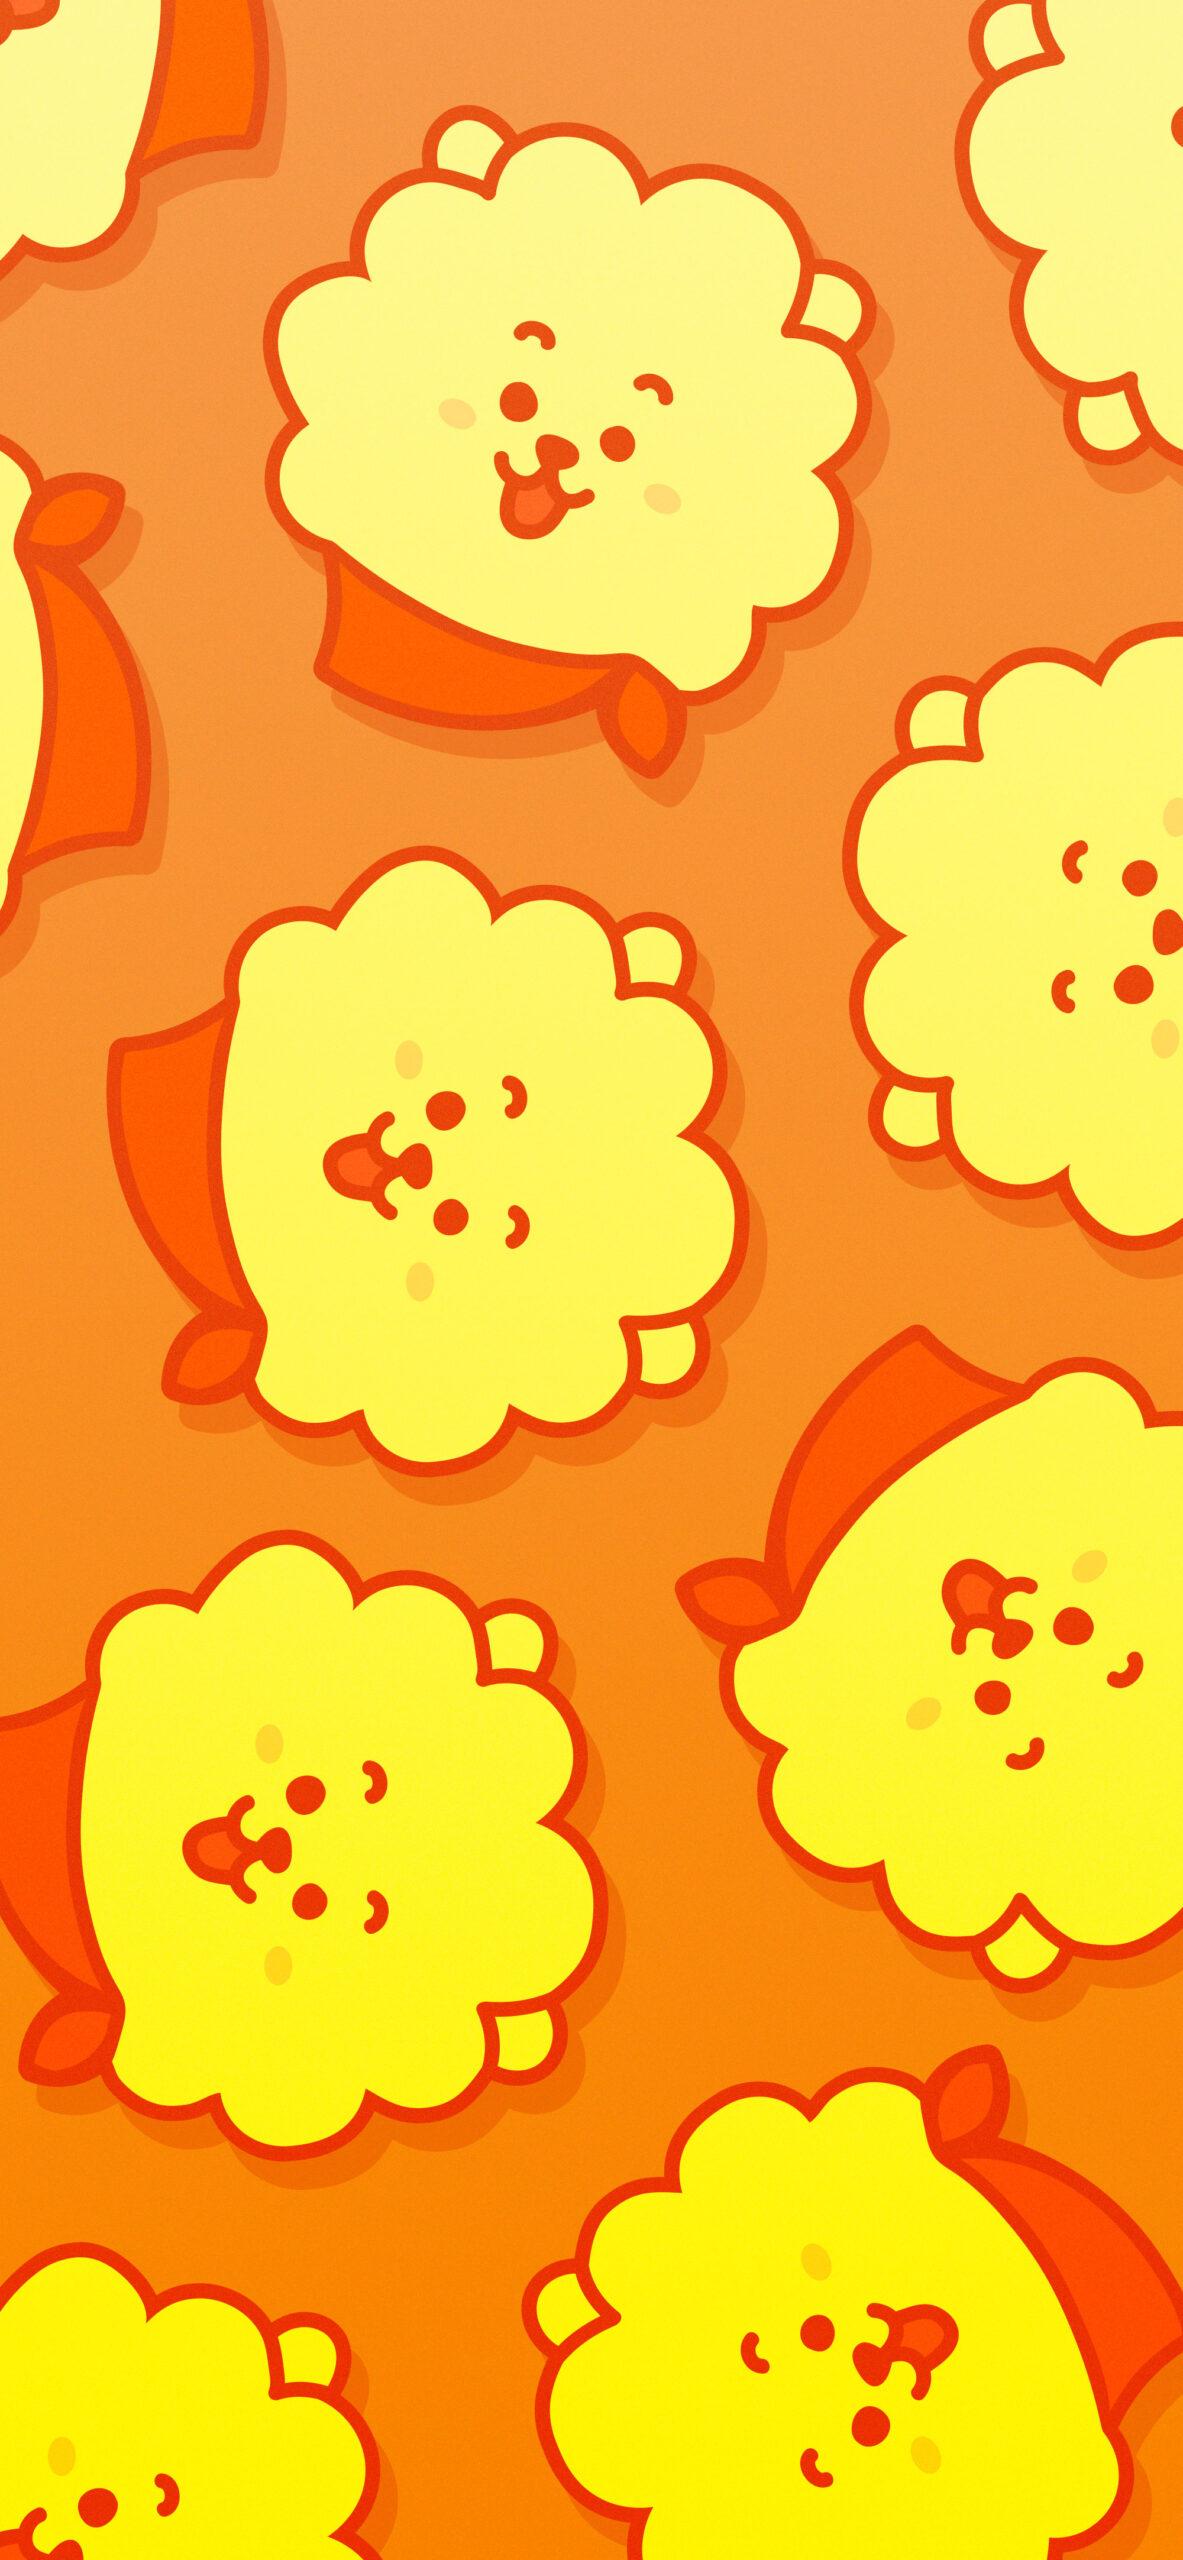 bts bt21 rj orange background 2